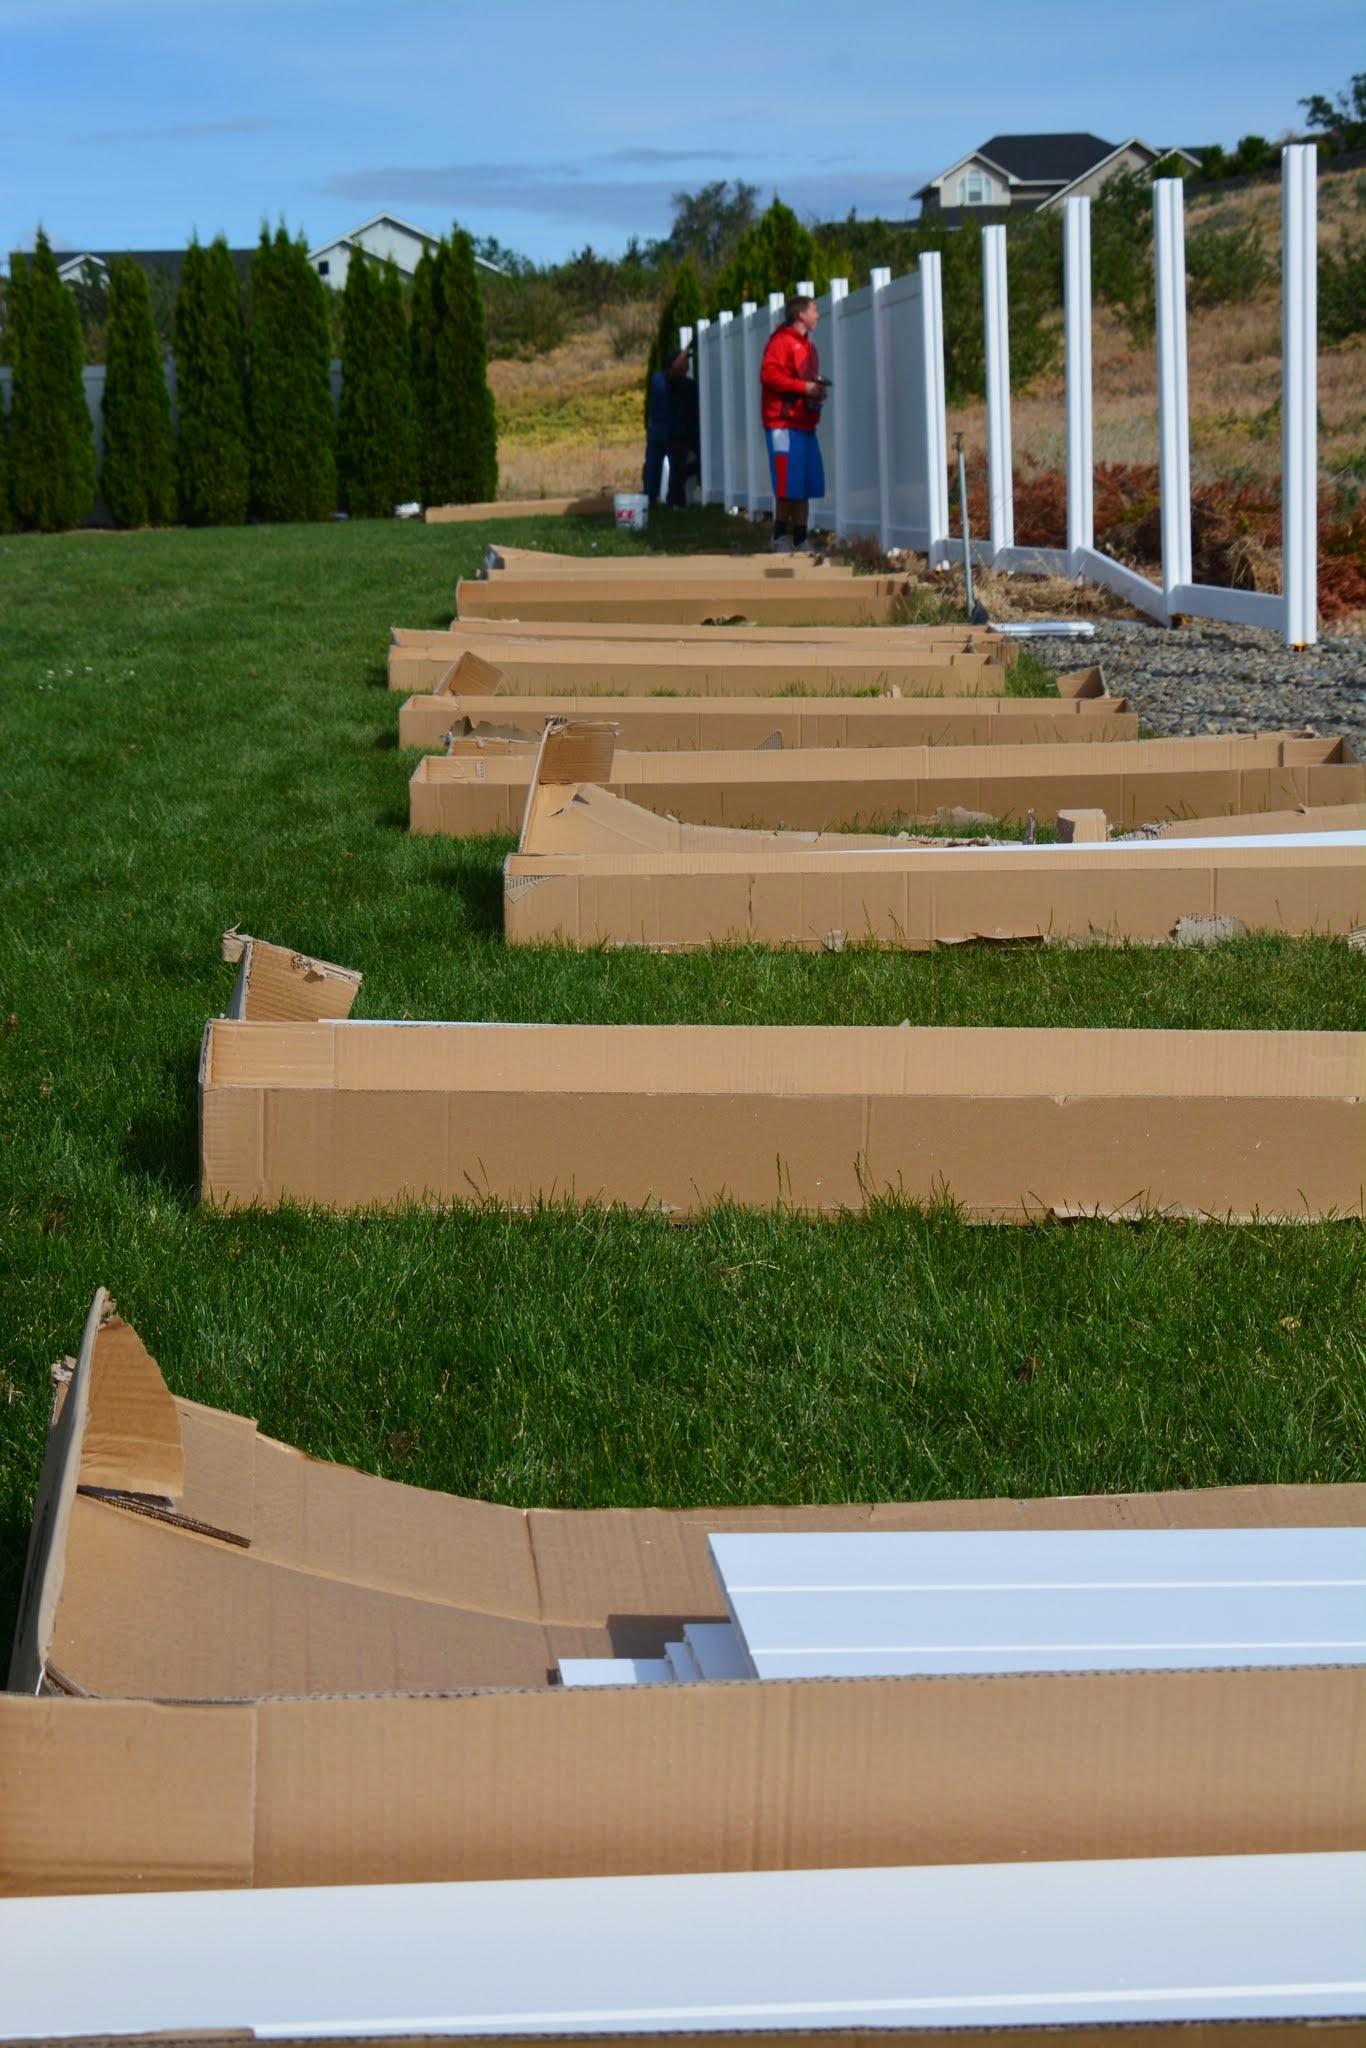 Assembling all the vinyl fence panels